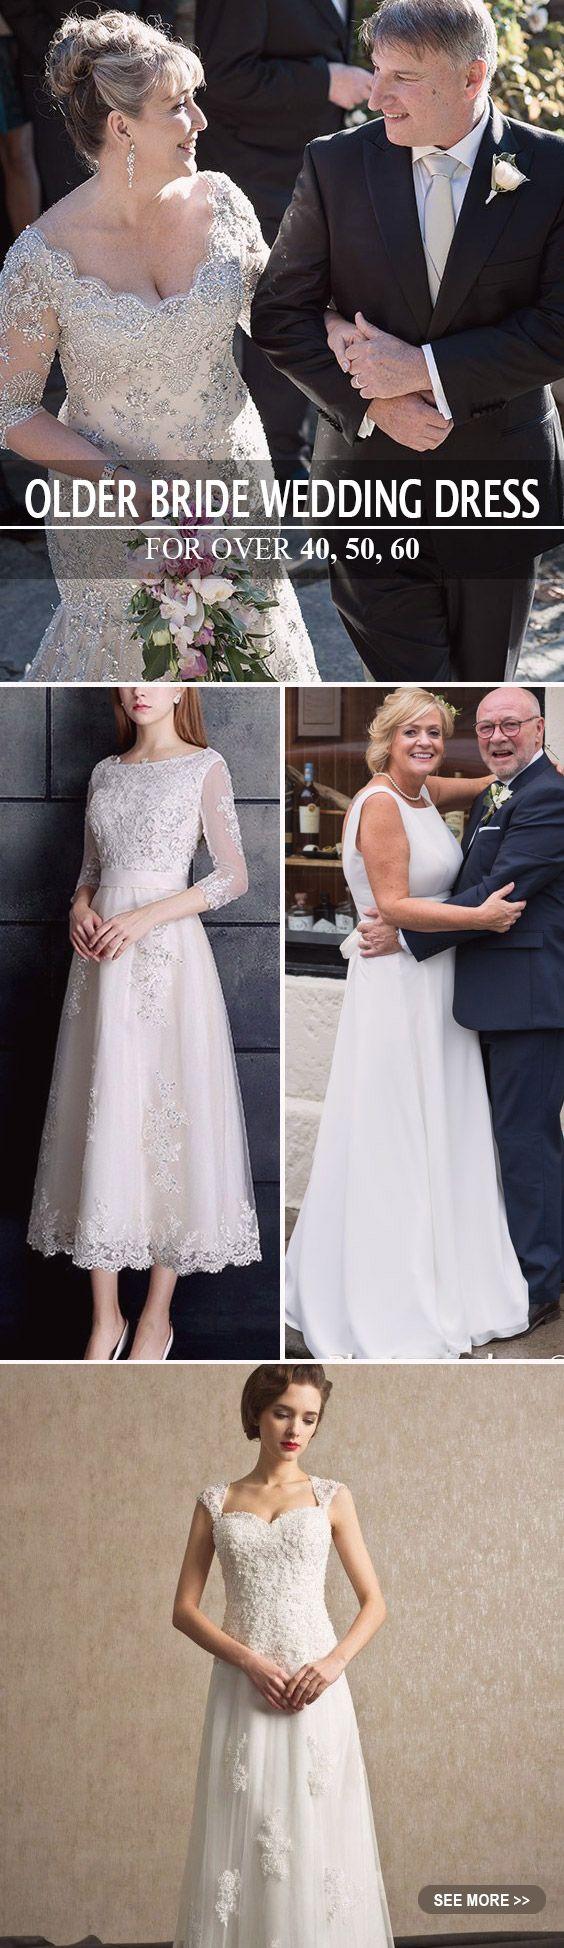 Mature bride wedding dresses  Wedding Dresses for Older Brides over      Wedding